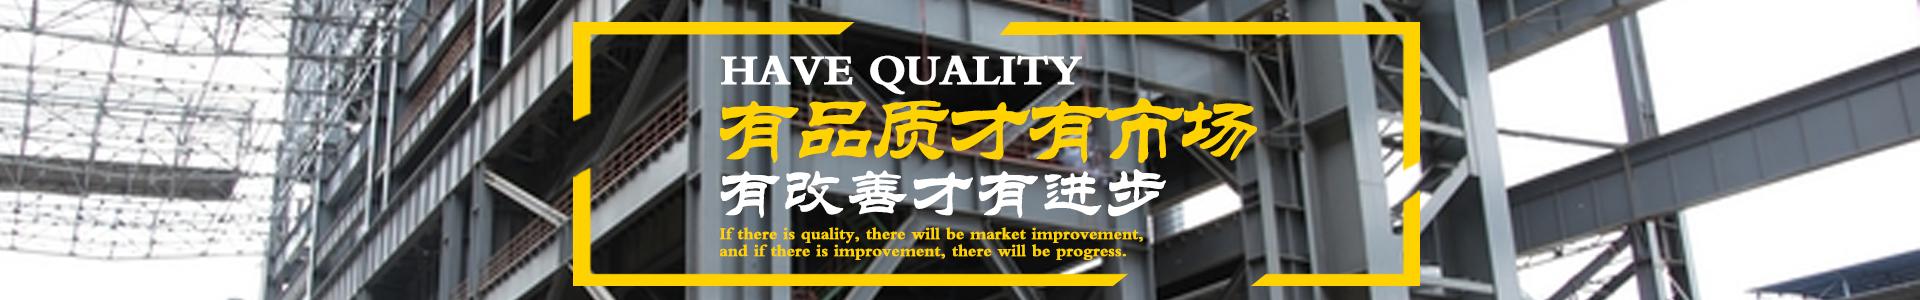 柳州双华钢模板_双华圆柱钢模板_双华钢模板厂家-六顺金属材料有限公司